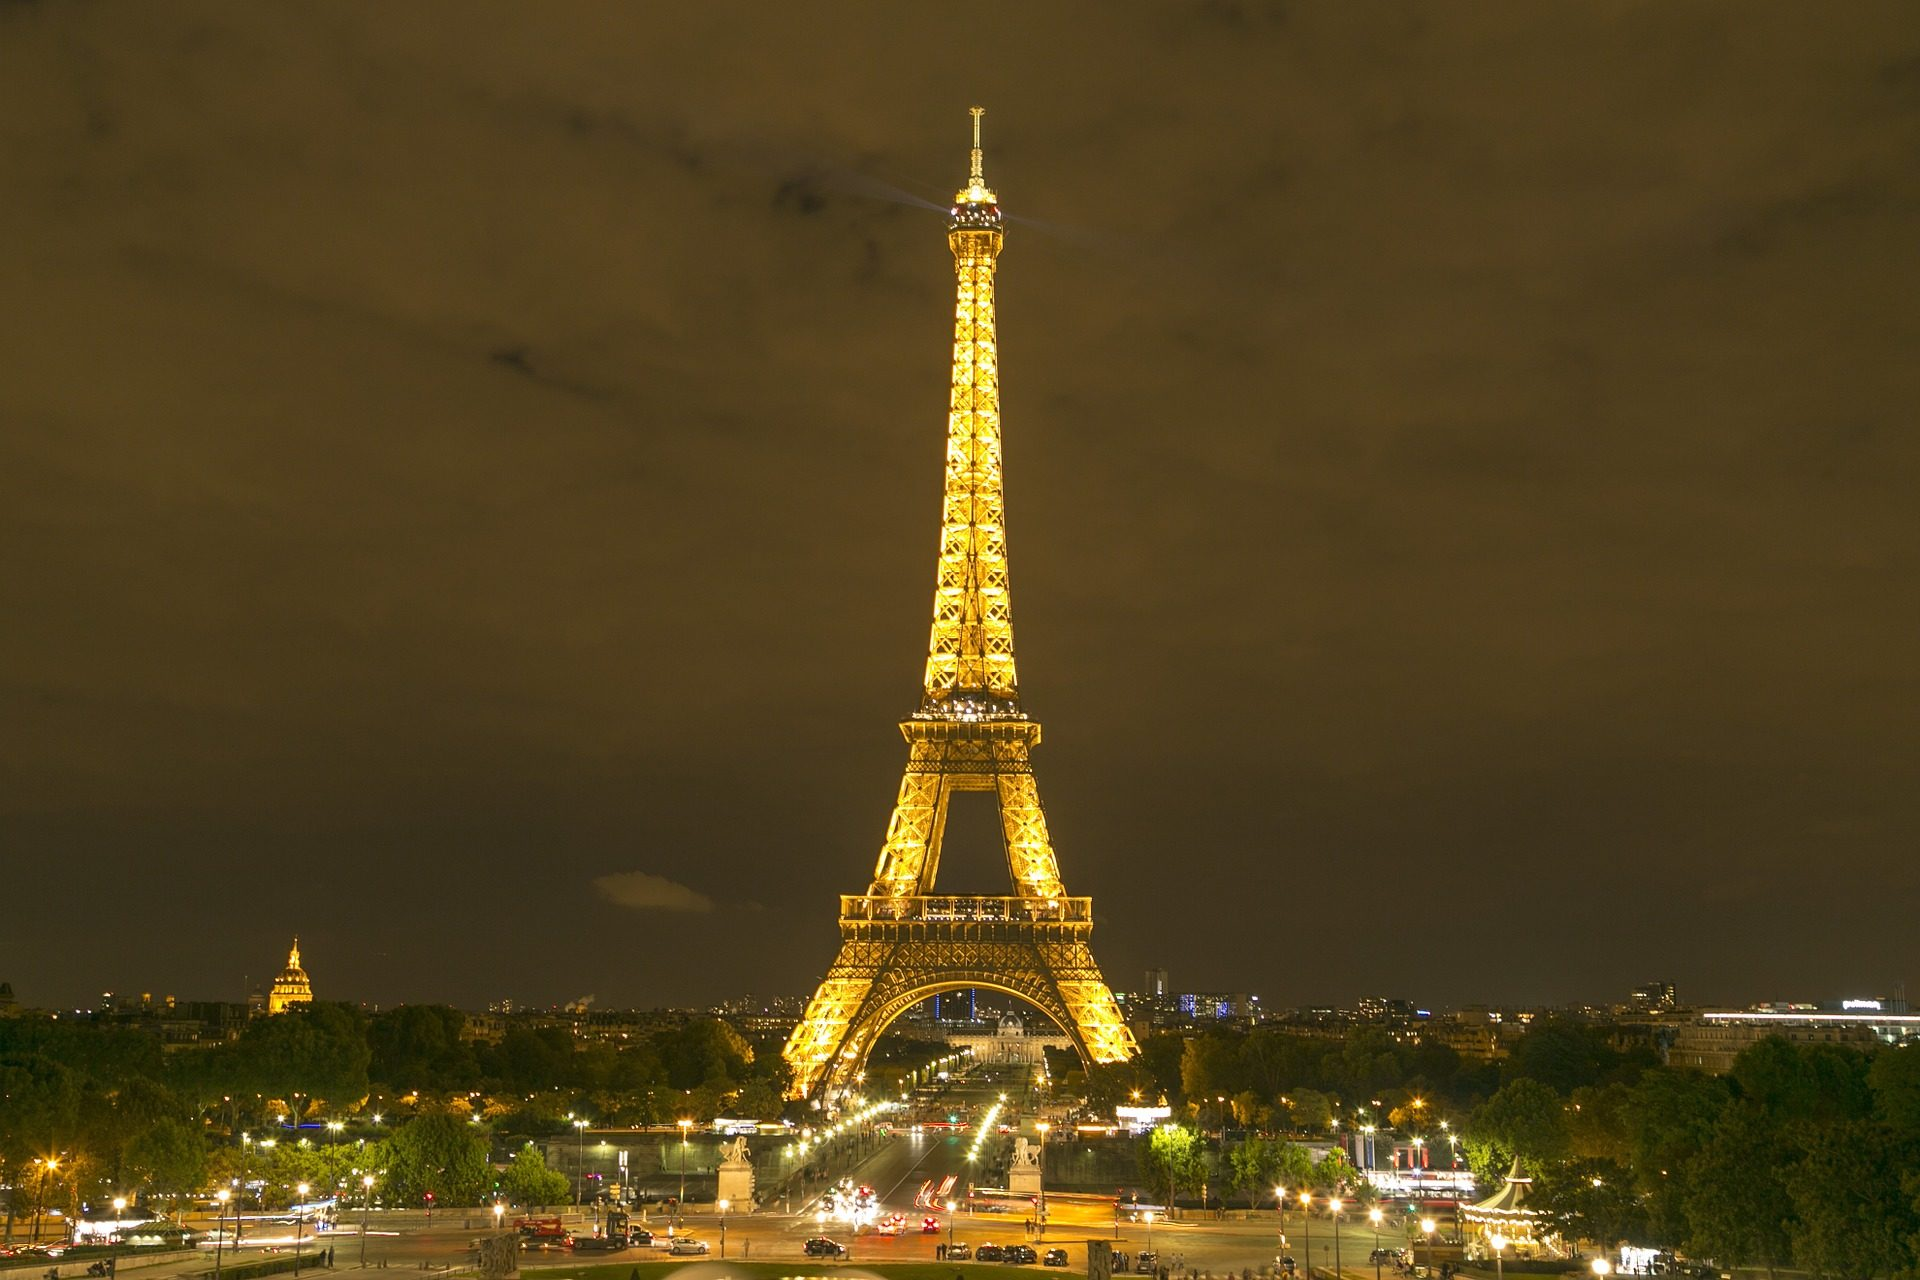 Πύργος, Eiffel, Πόλη, νύχτα, φώτα, Μνημείο, Παρίσι - Wallpapers HD - Professor-falken.com